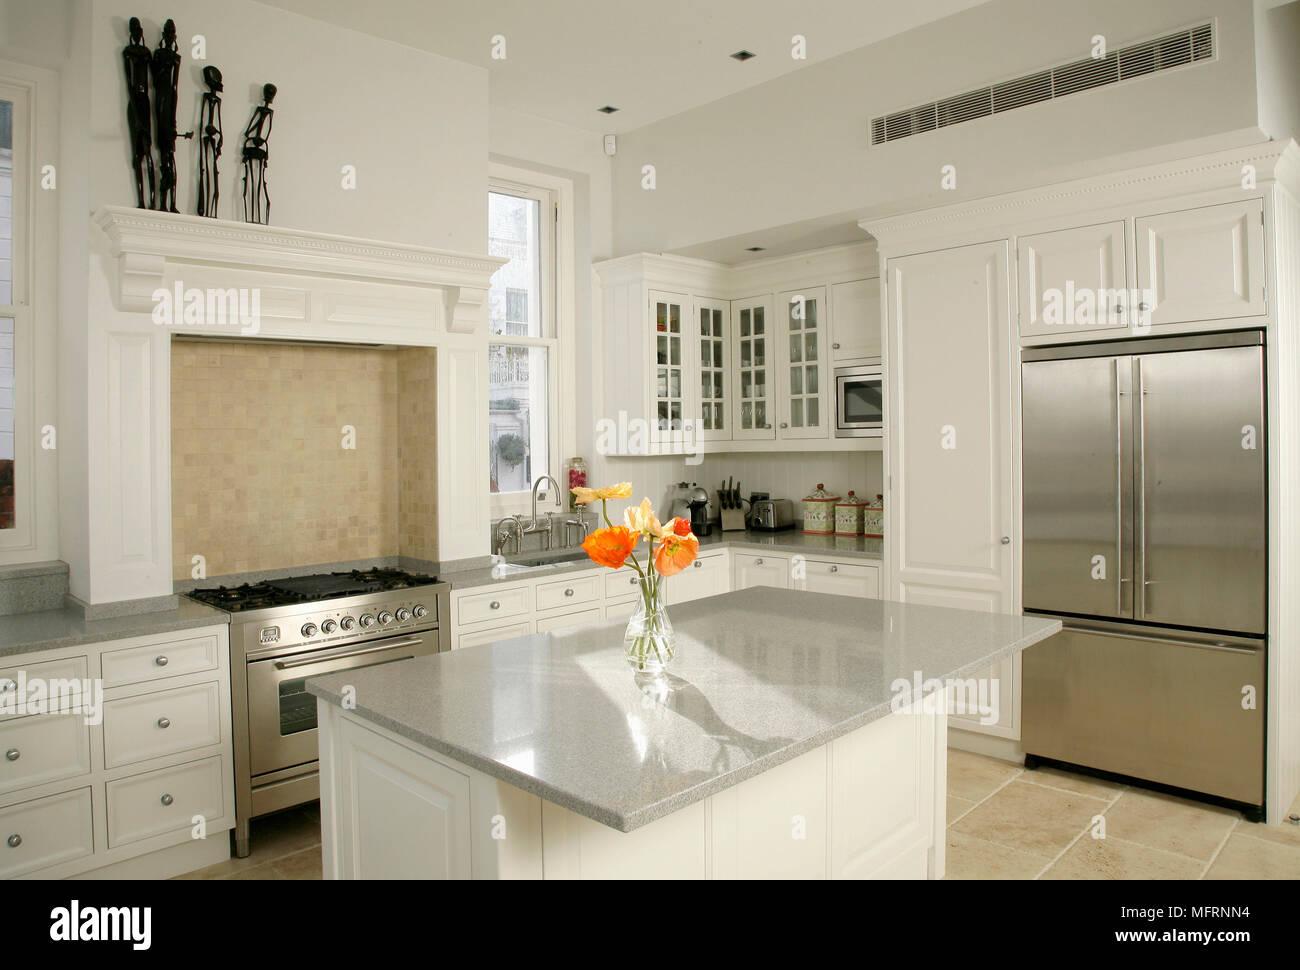 Moderne Küche mit Kochinsel und weiße Einheiten Stockfoto ...